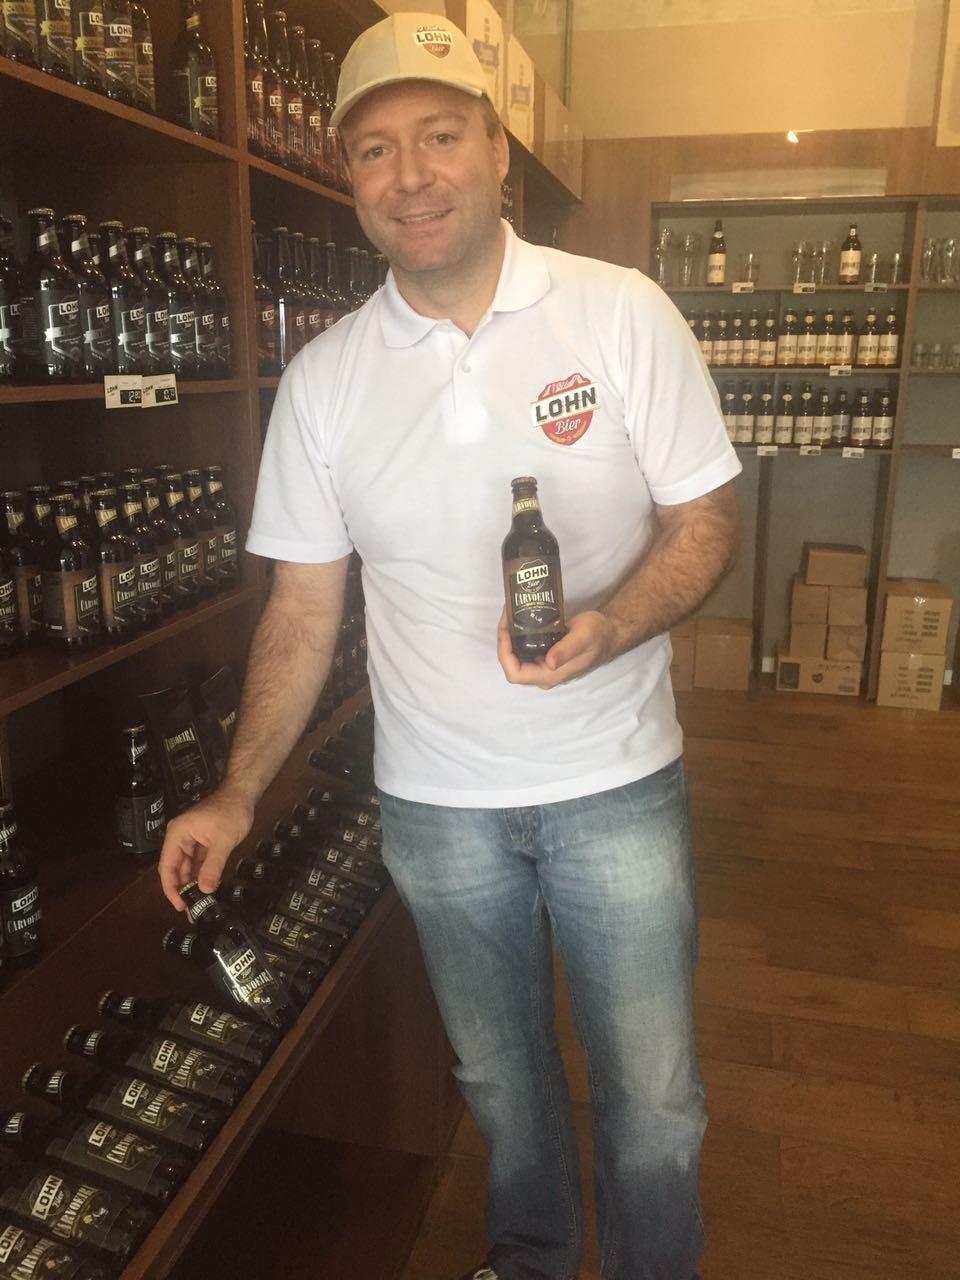 O cervejeiro da Lohn, Richard Brighenti, recebe convidados na fábrica para uma produção coletiva (Foto: Divulgação)